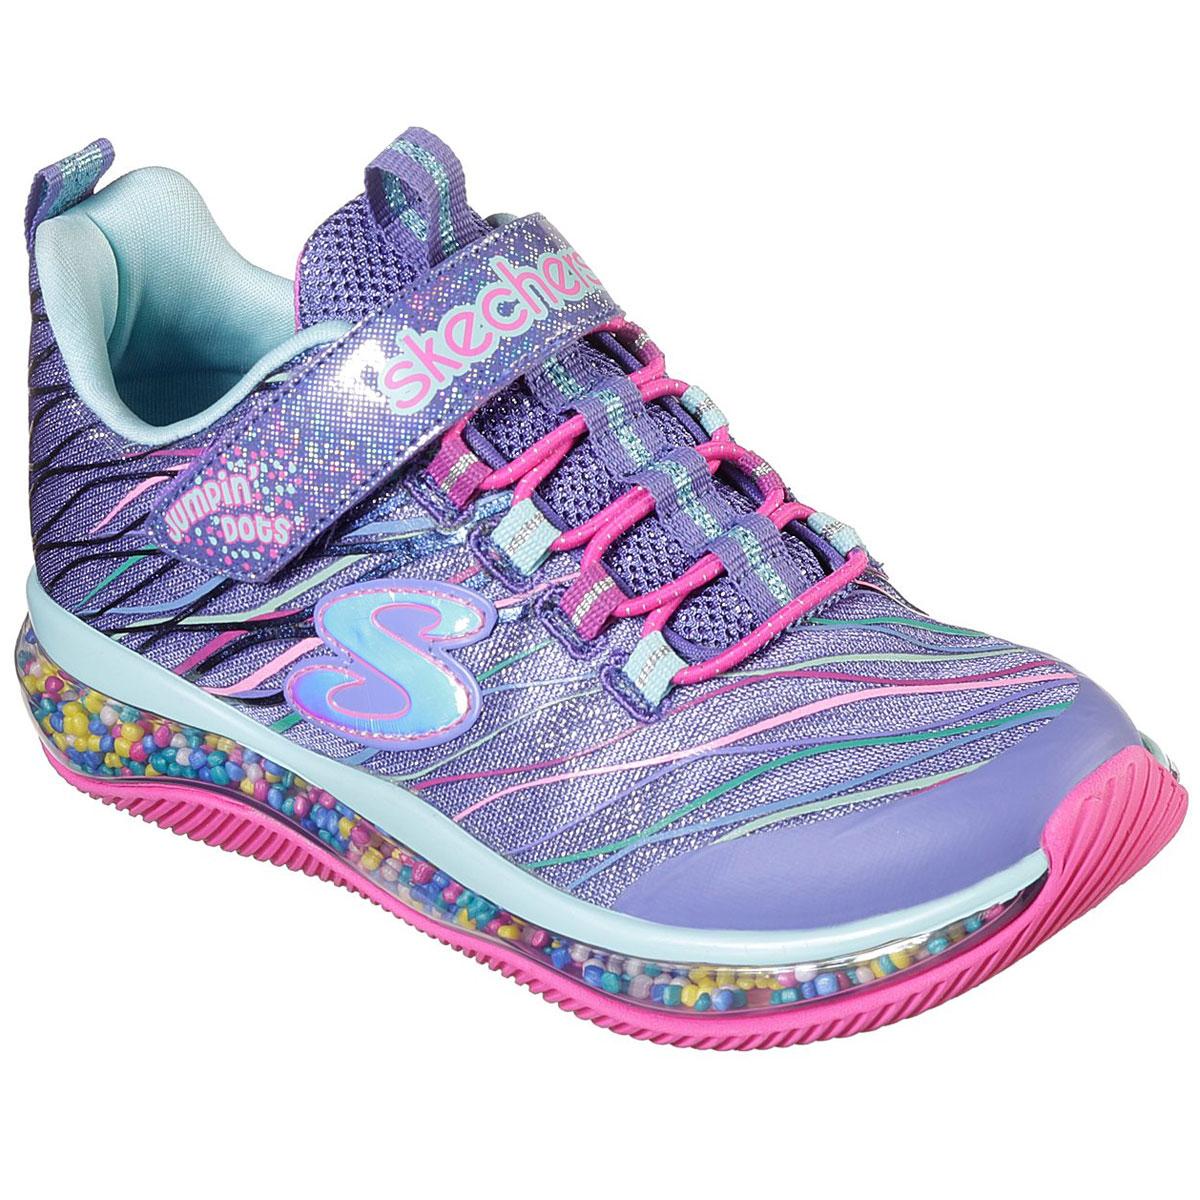 Skechers Little Girls' Jumpin' Dots Sneakers - Blue, 1.5